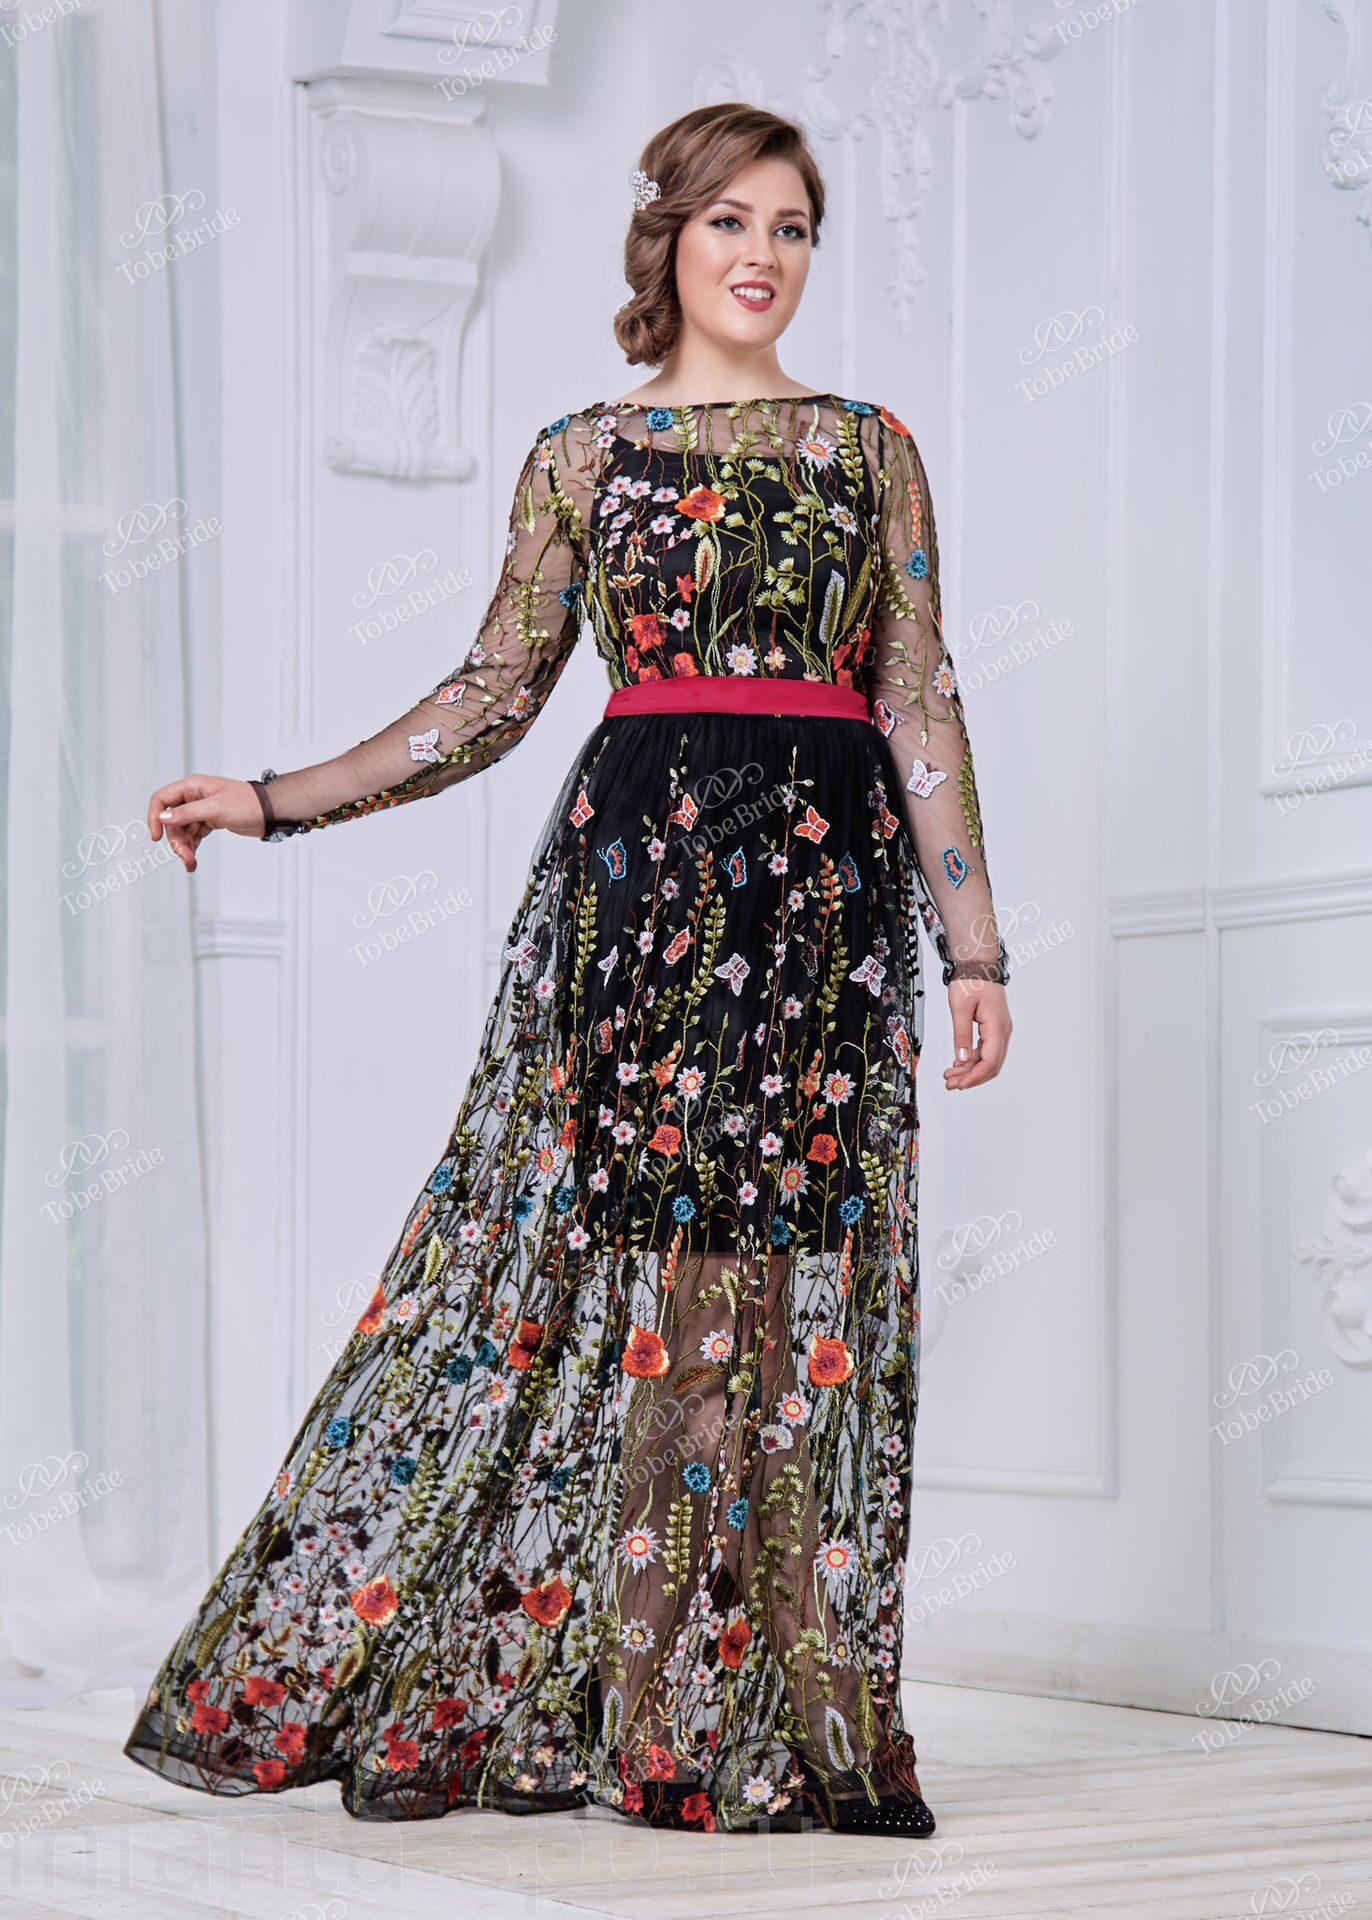 eb0653c9d83 Оригинальное вечернее платье большого размера для мамы жениха